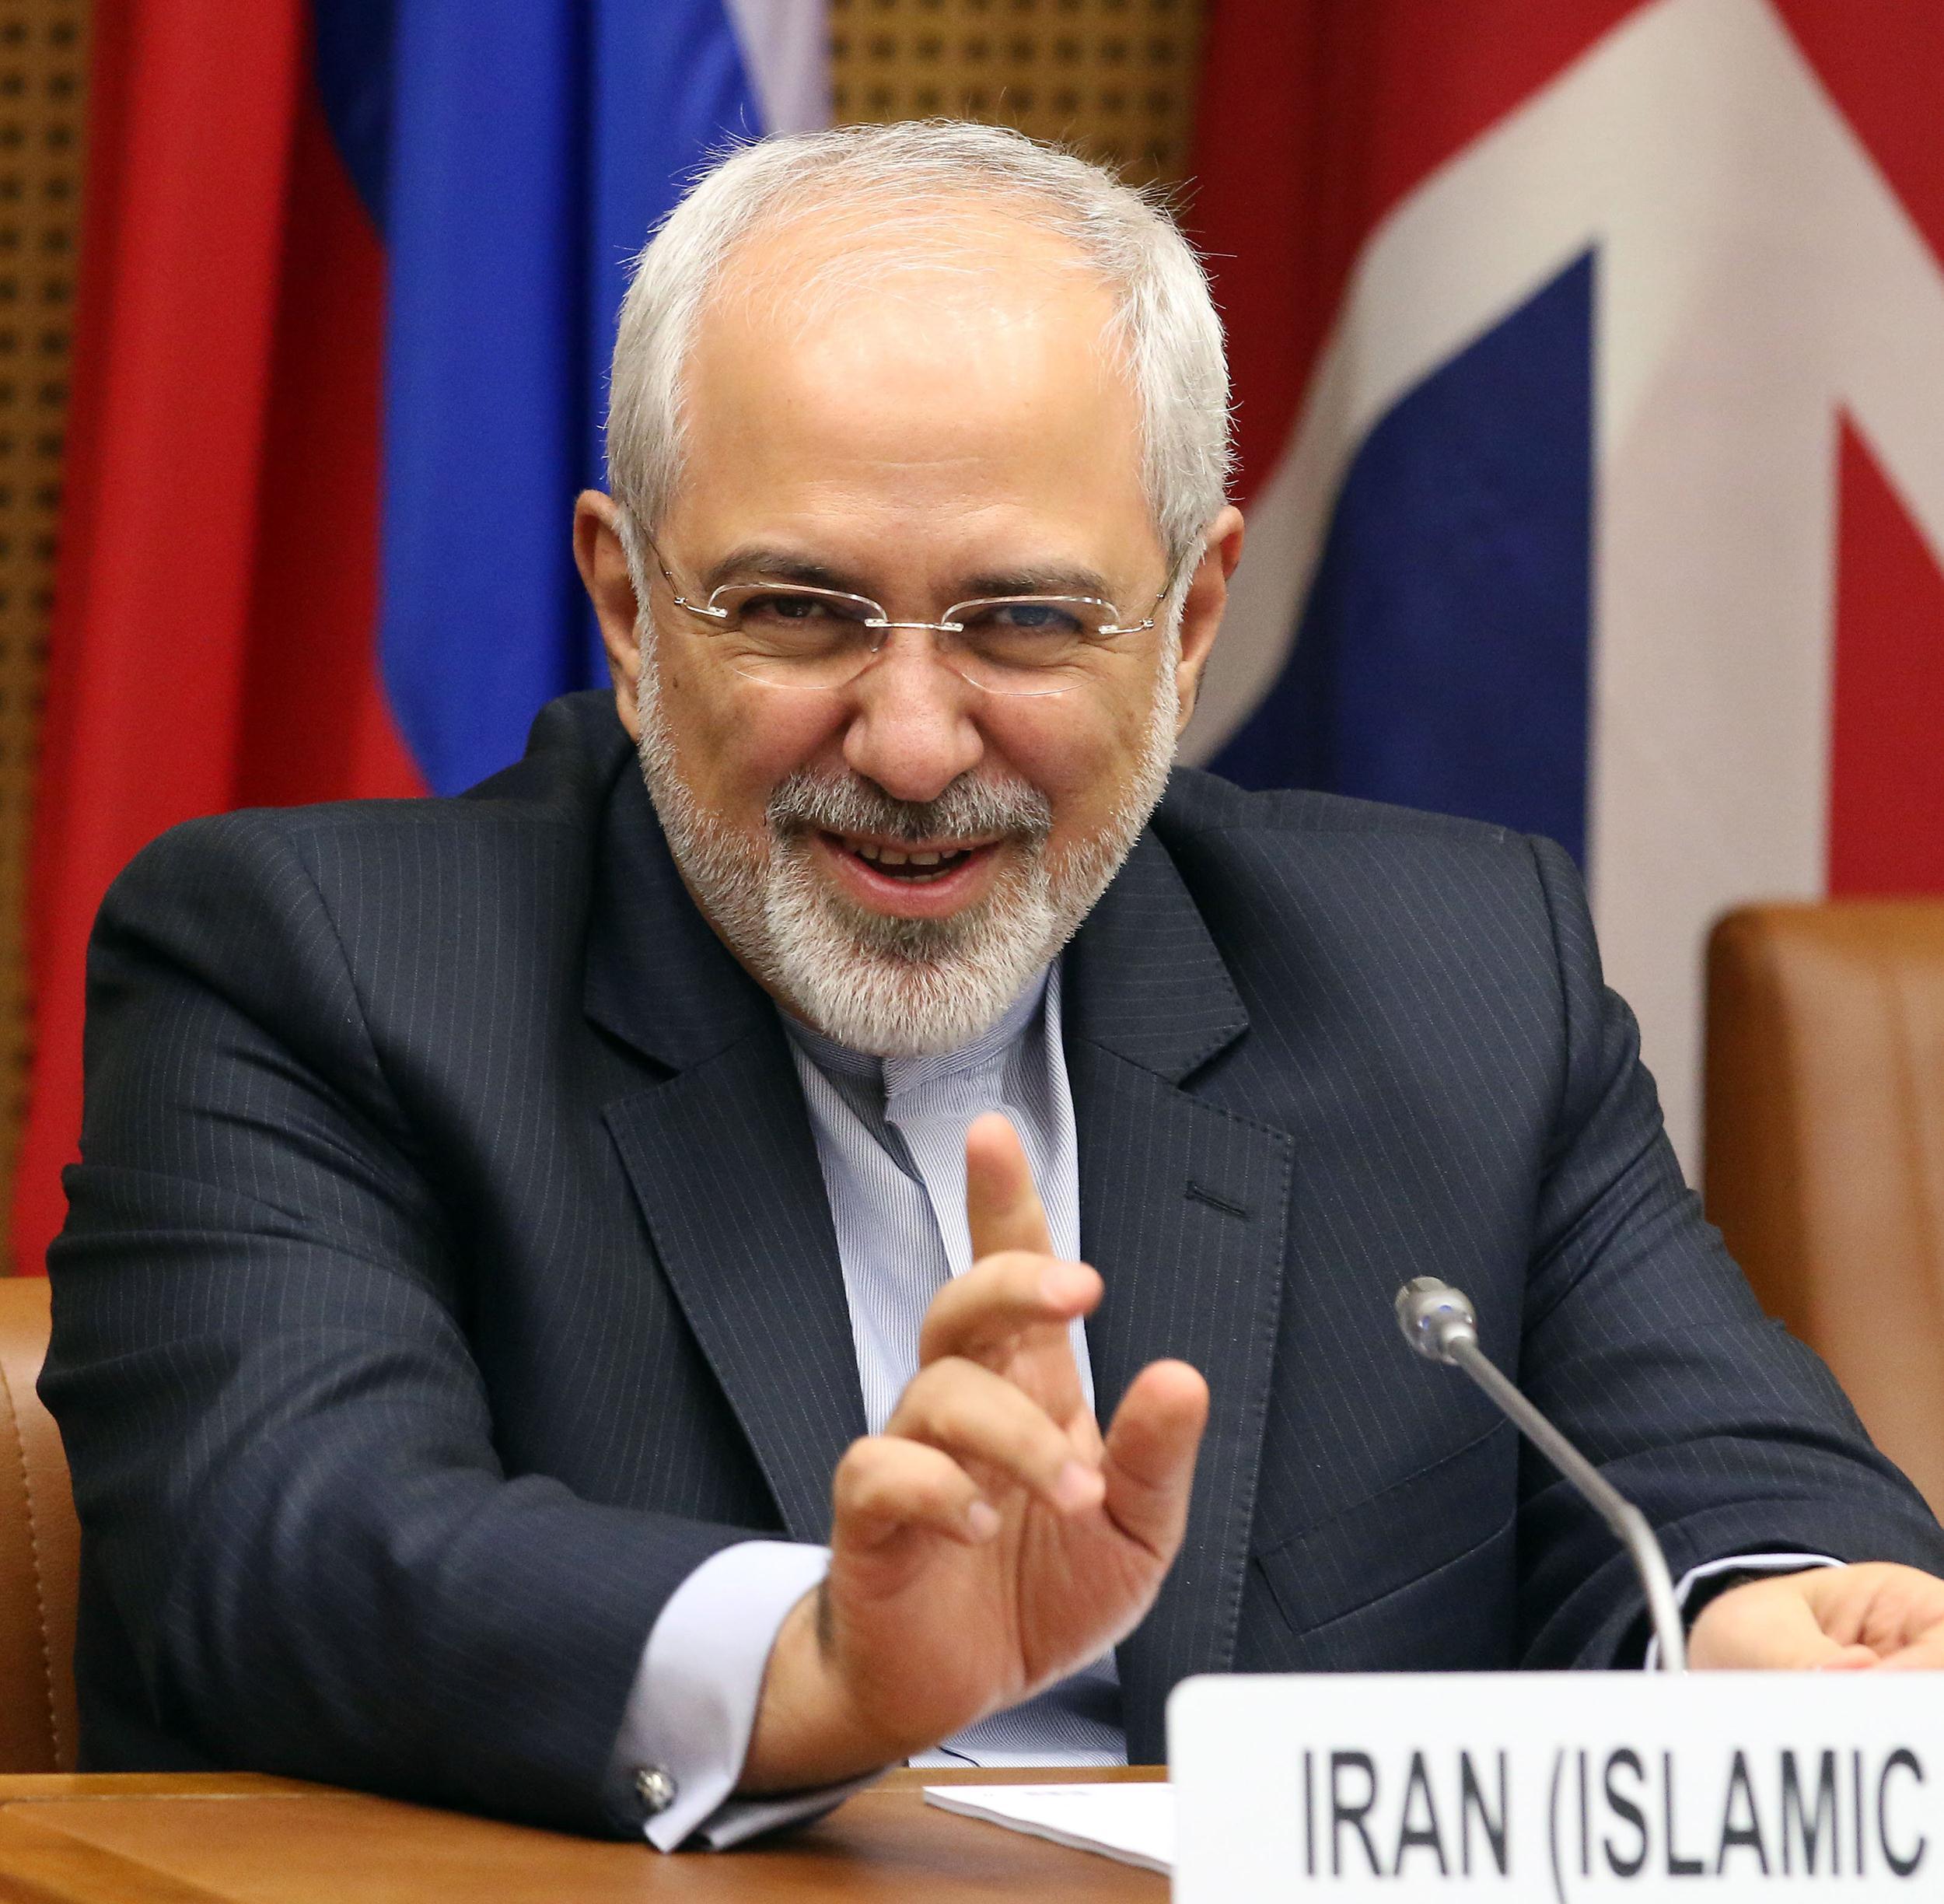 Image: Mohammad Javad Zarif